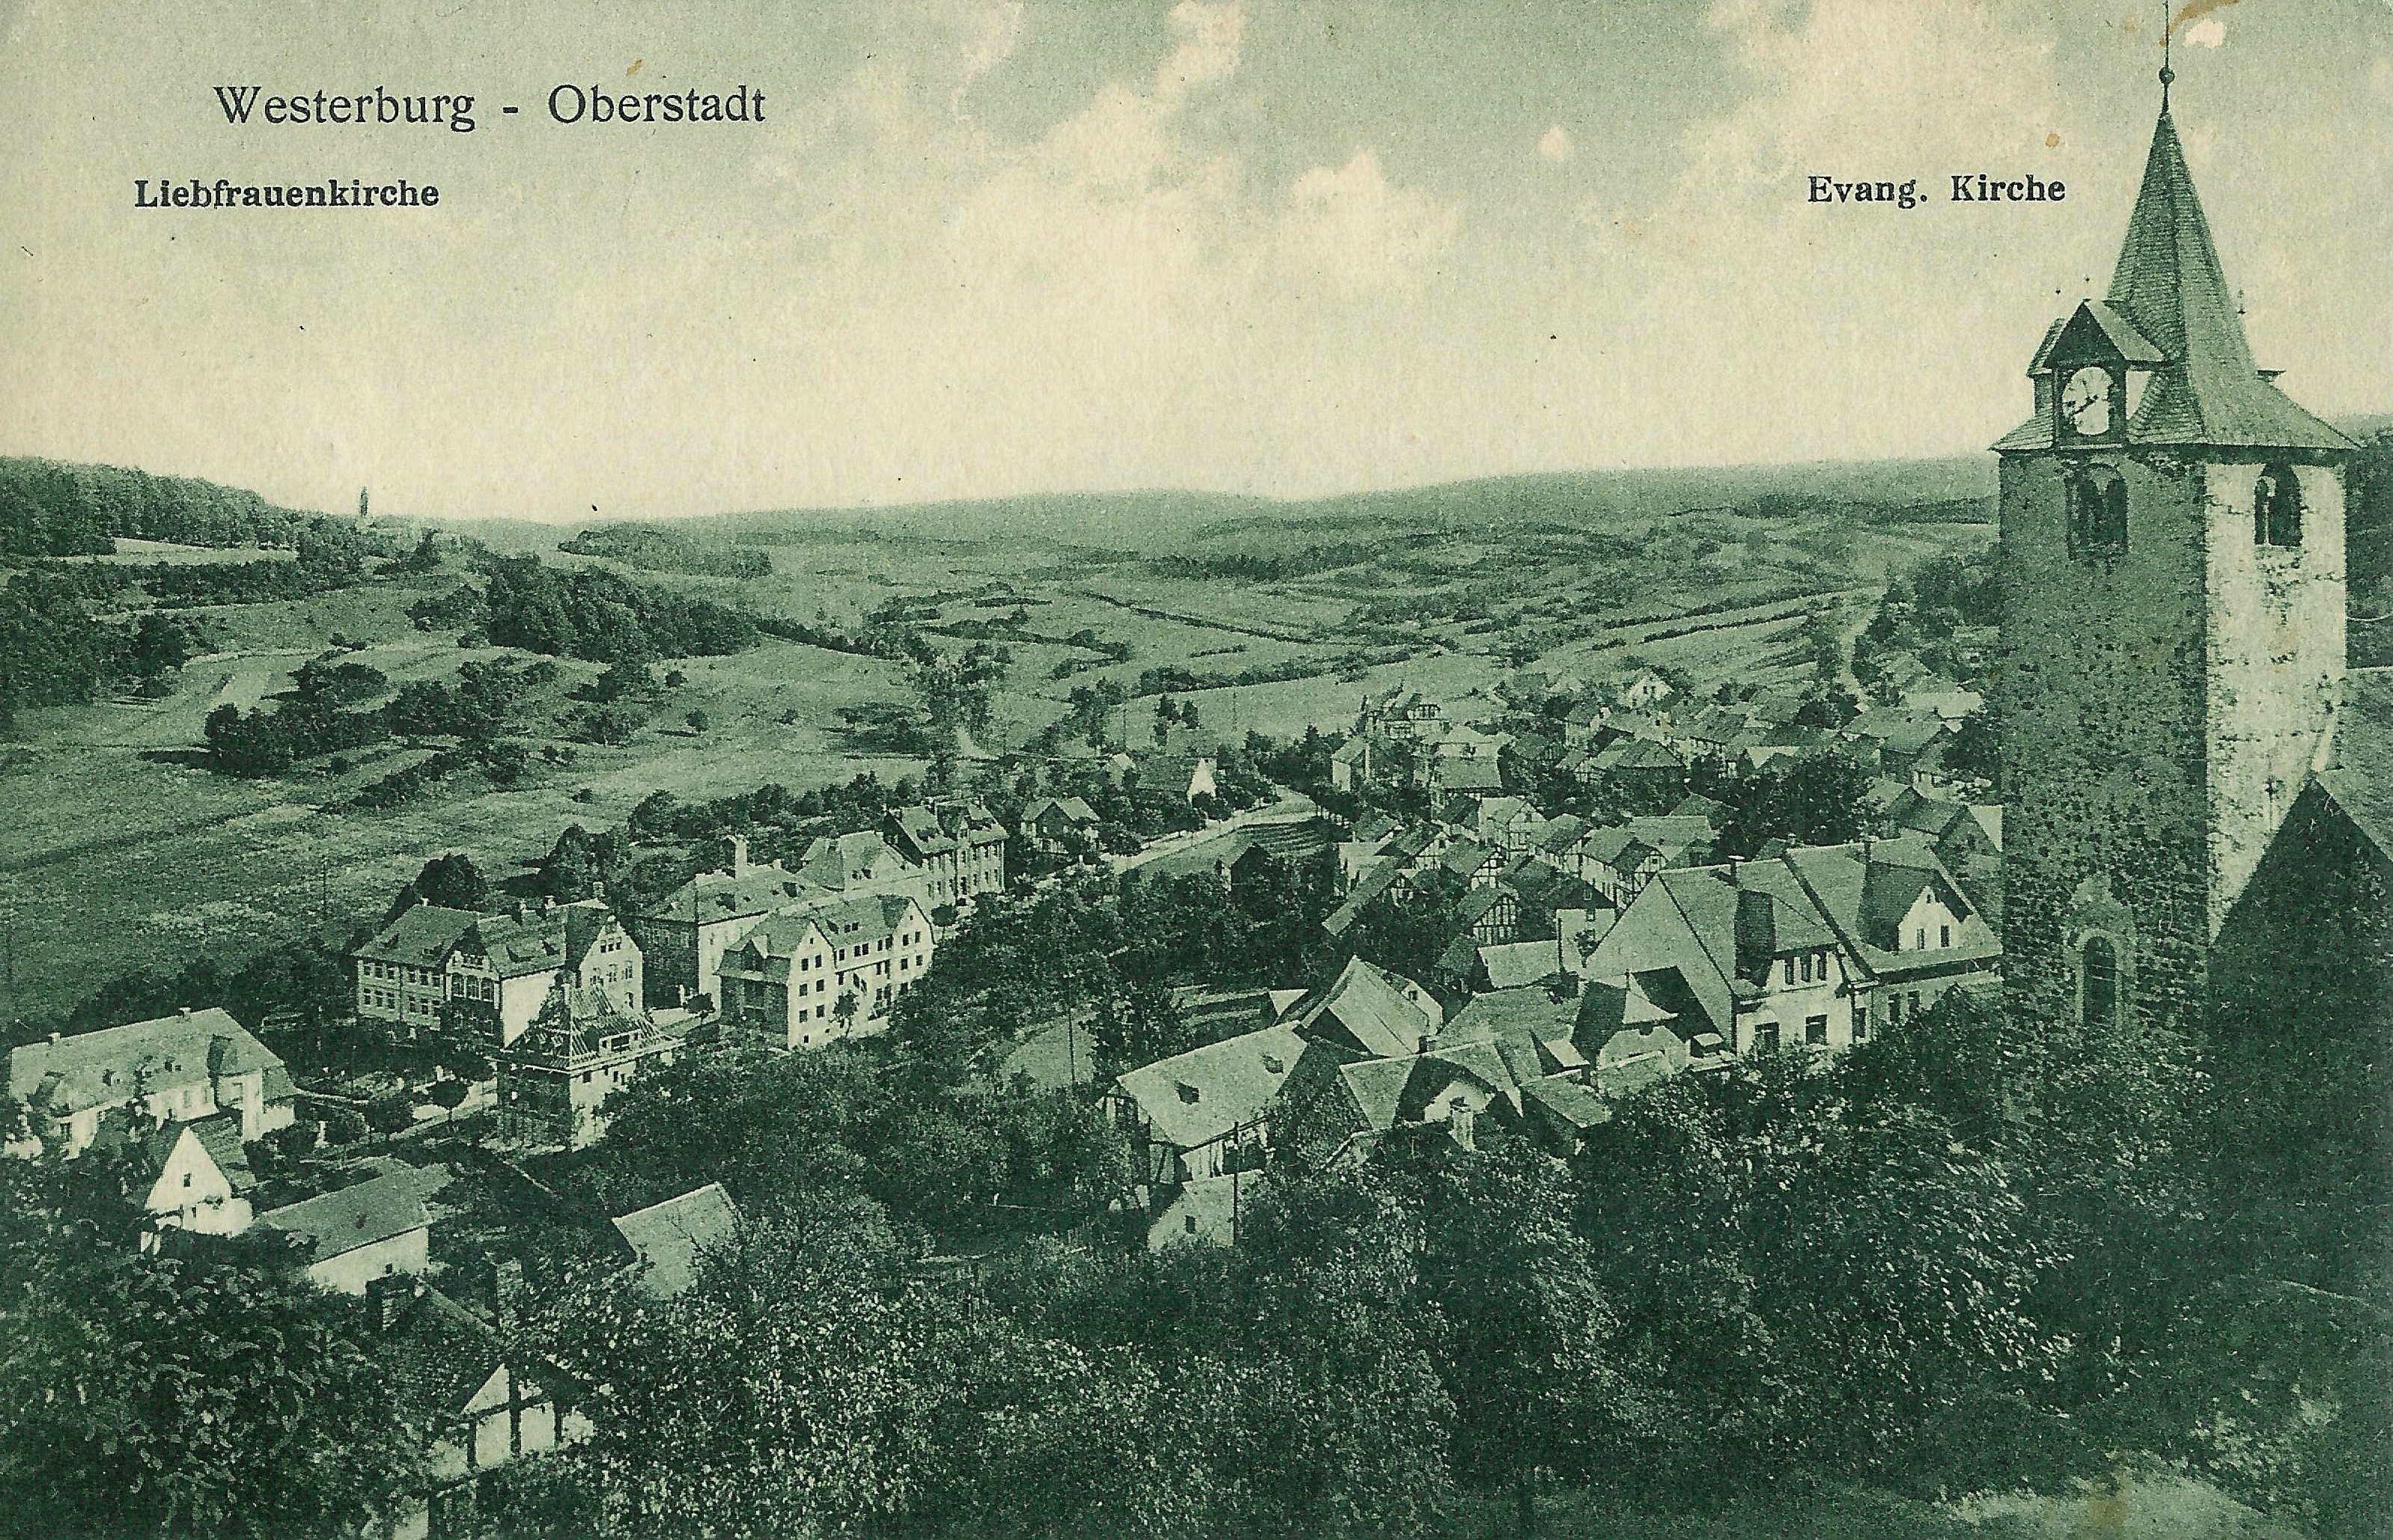 Westerburg damals und heute for Westerburg kuchen